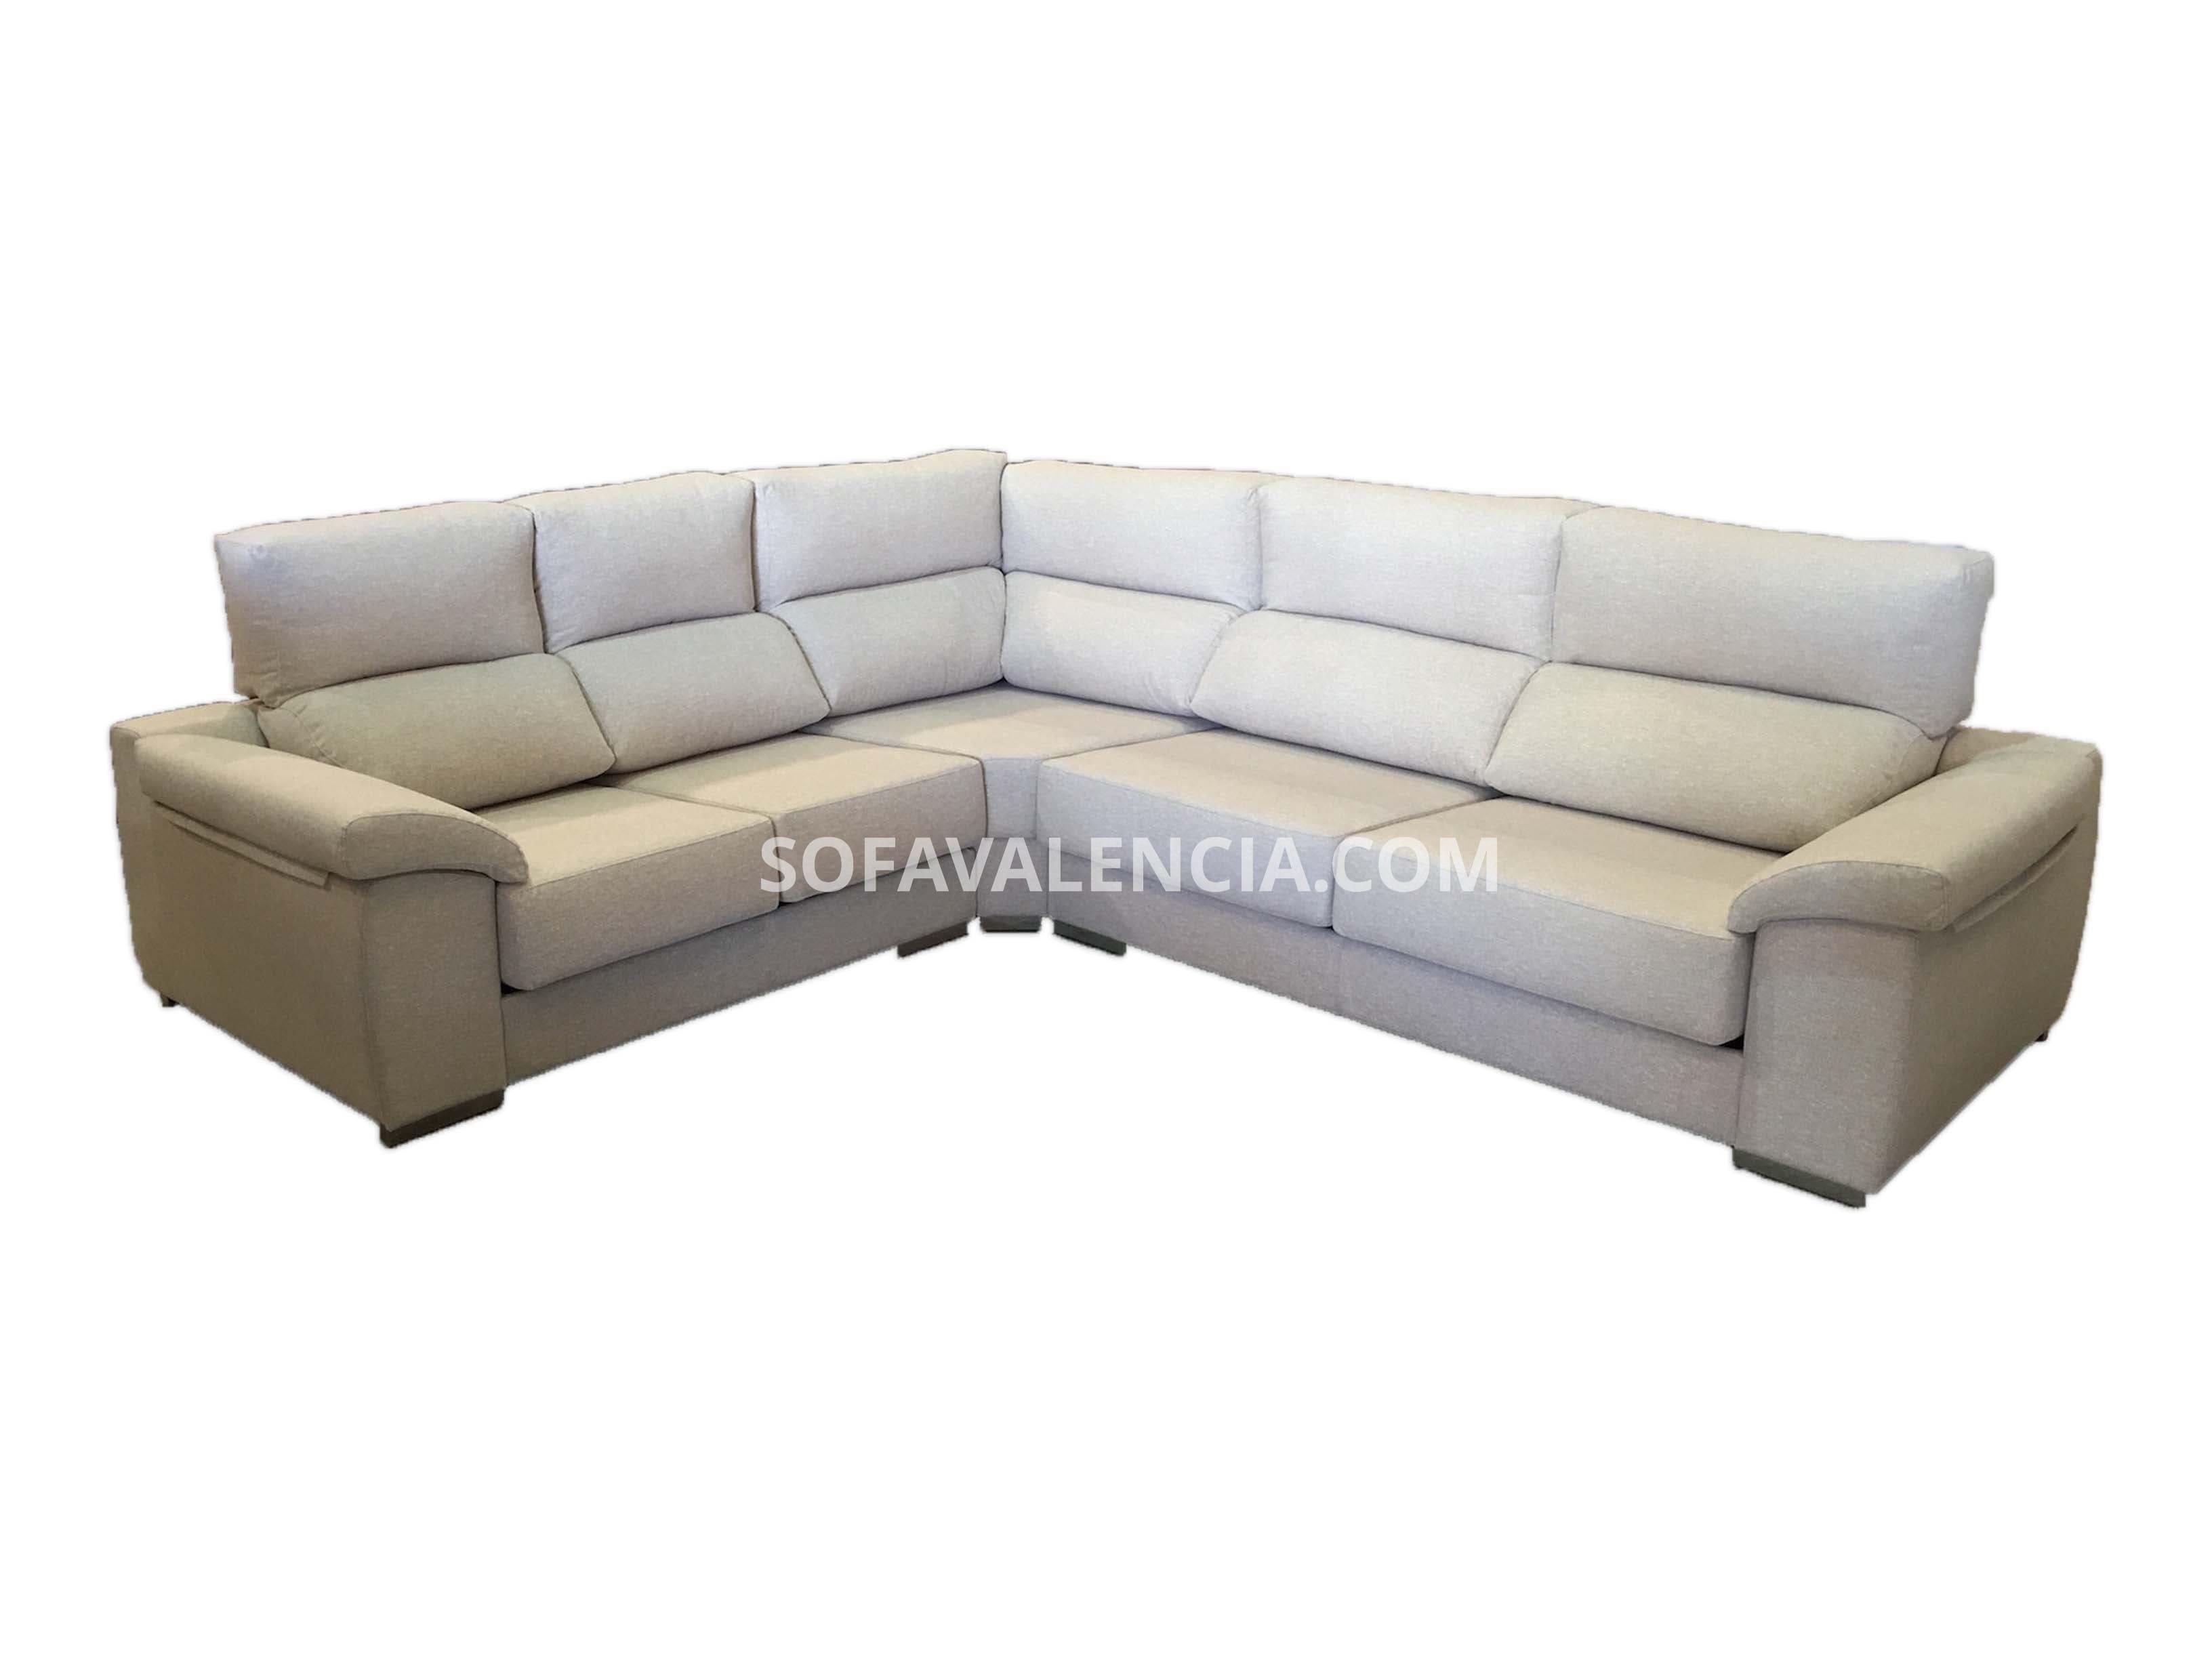 y sofa low cost designs catálogo sofás valencia